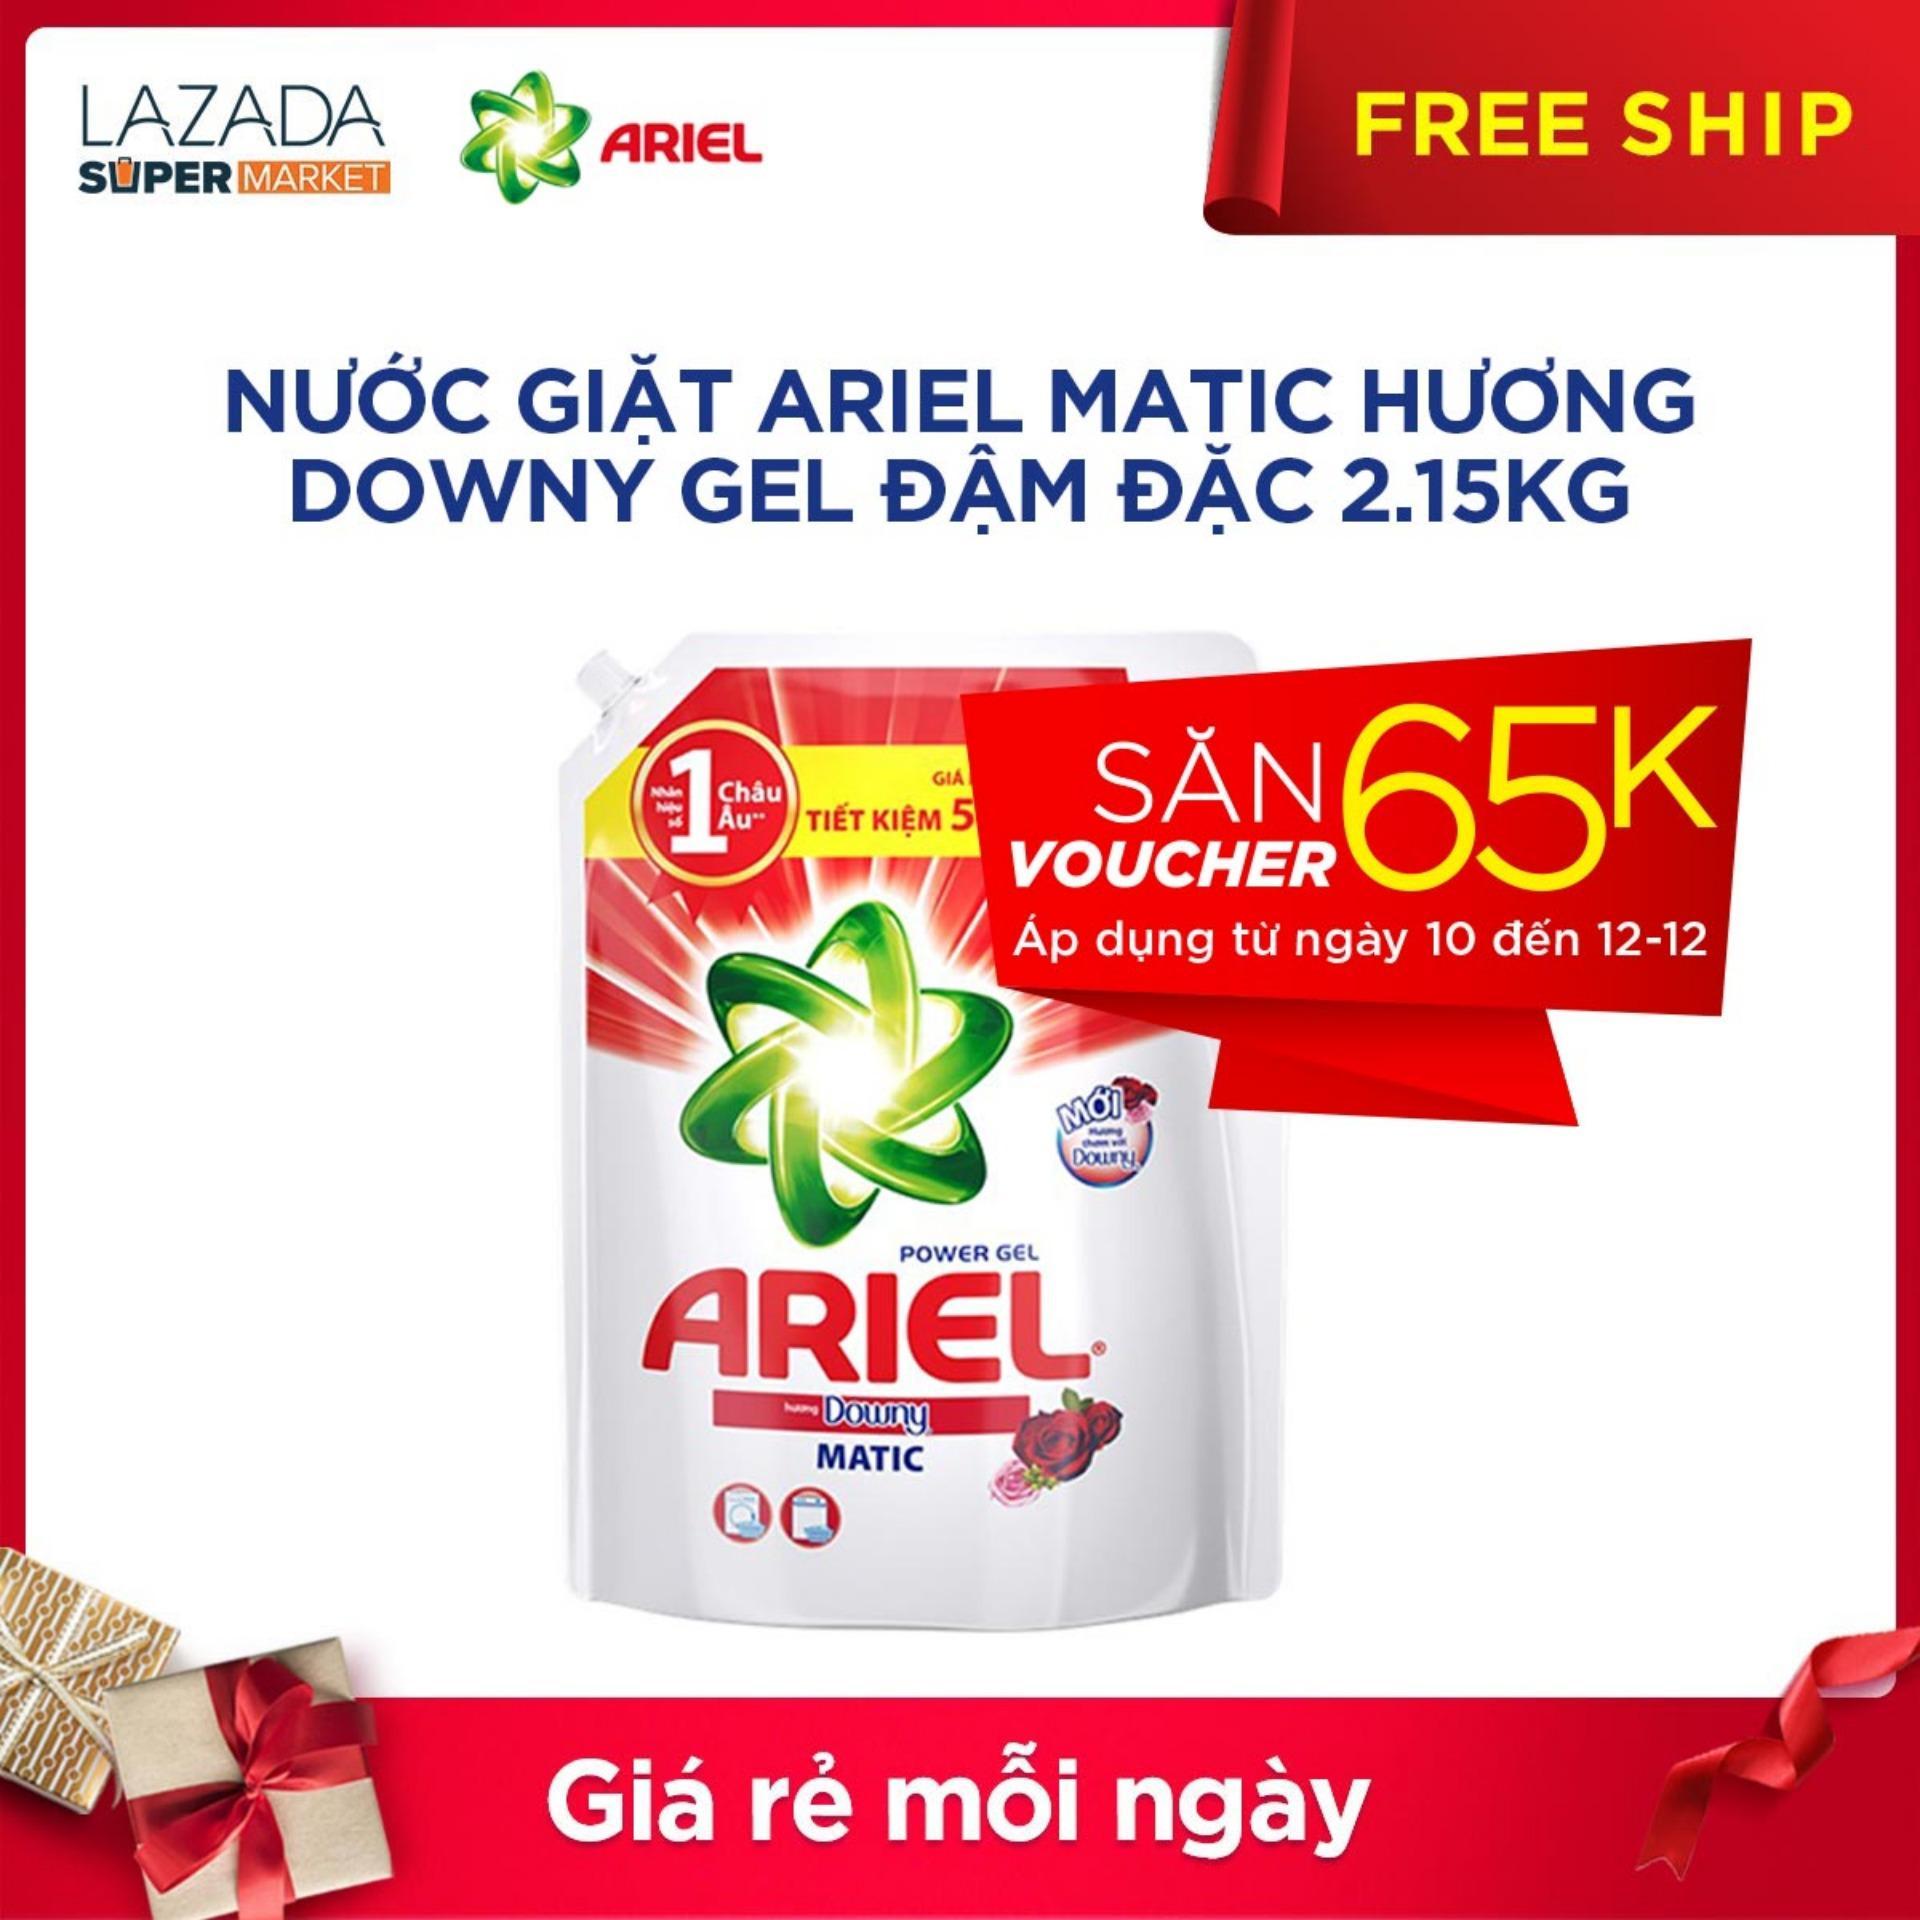 Hình ảnh Túi nước giặt Ariel Matic Hương Downy gel đậm đặc 2.15kg